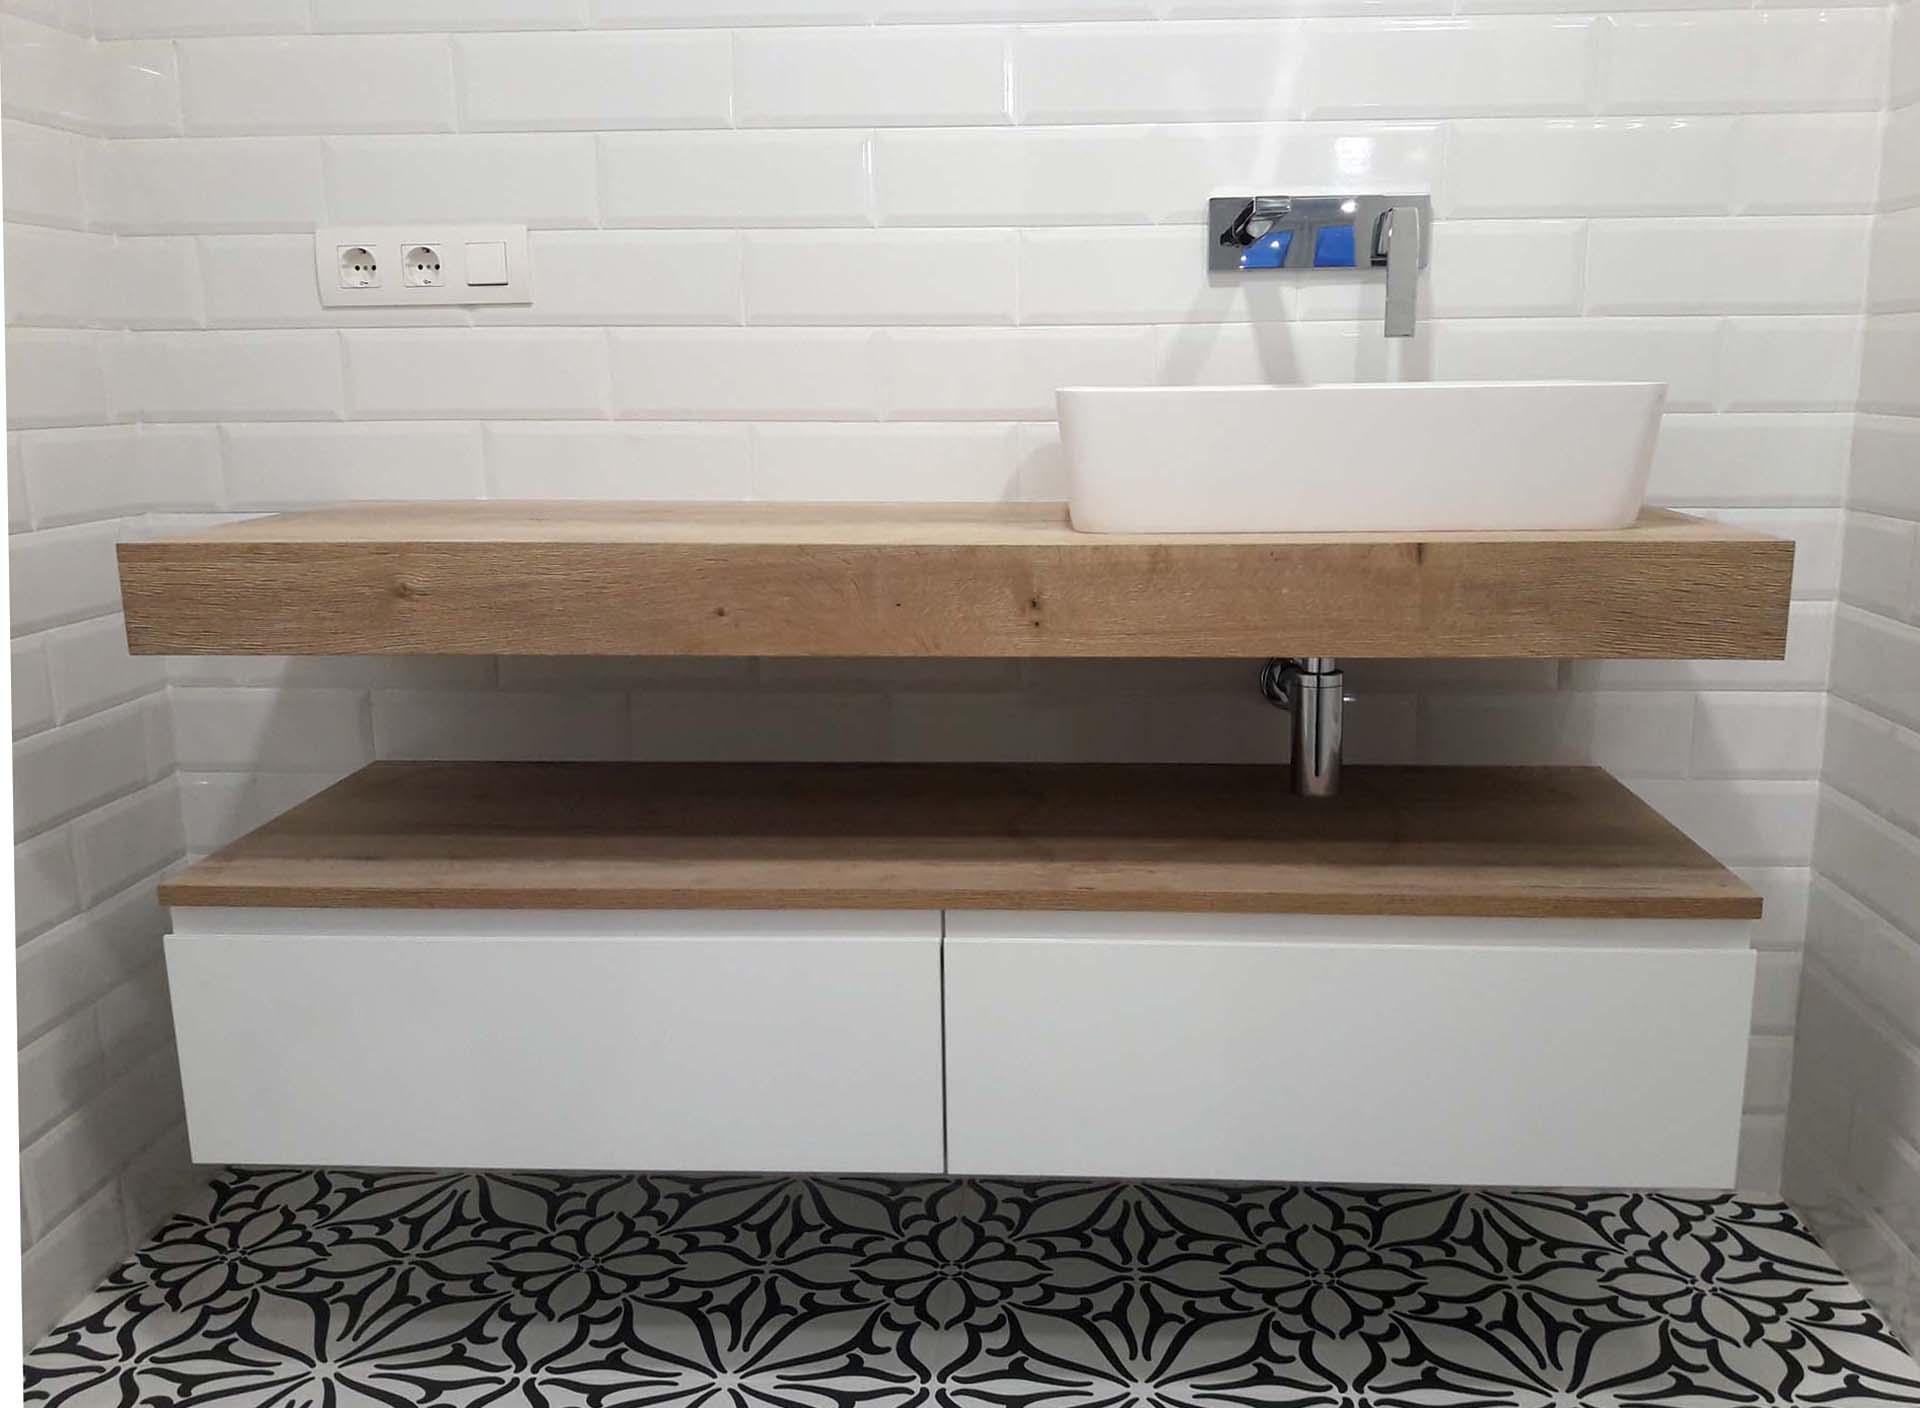 baño calidad diseño arnit